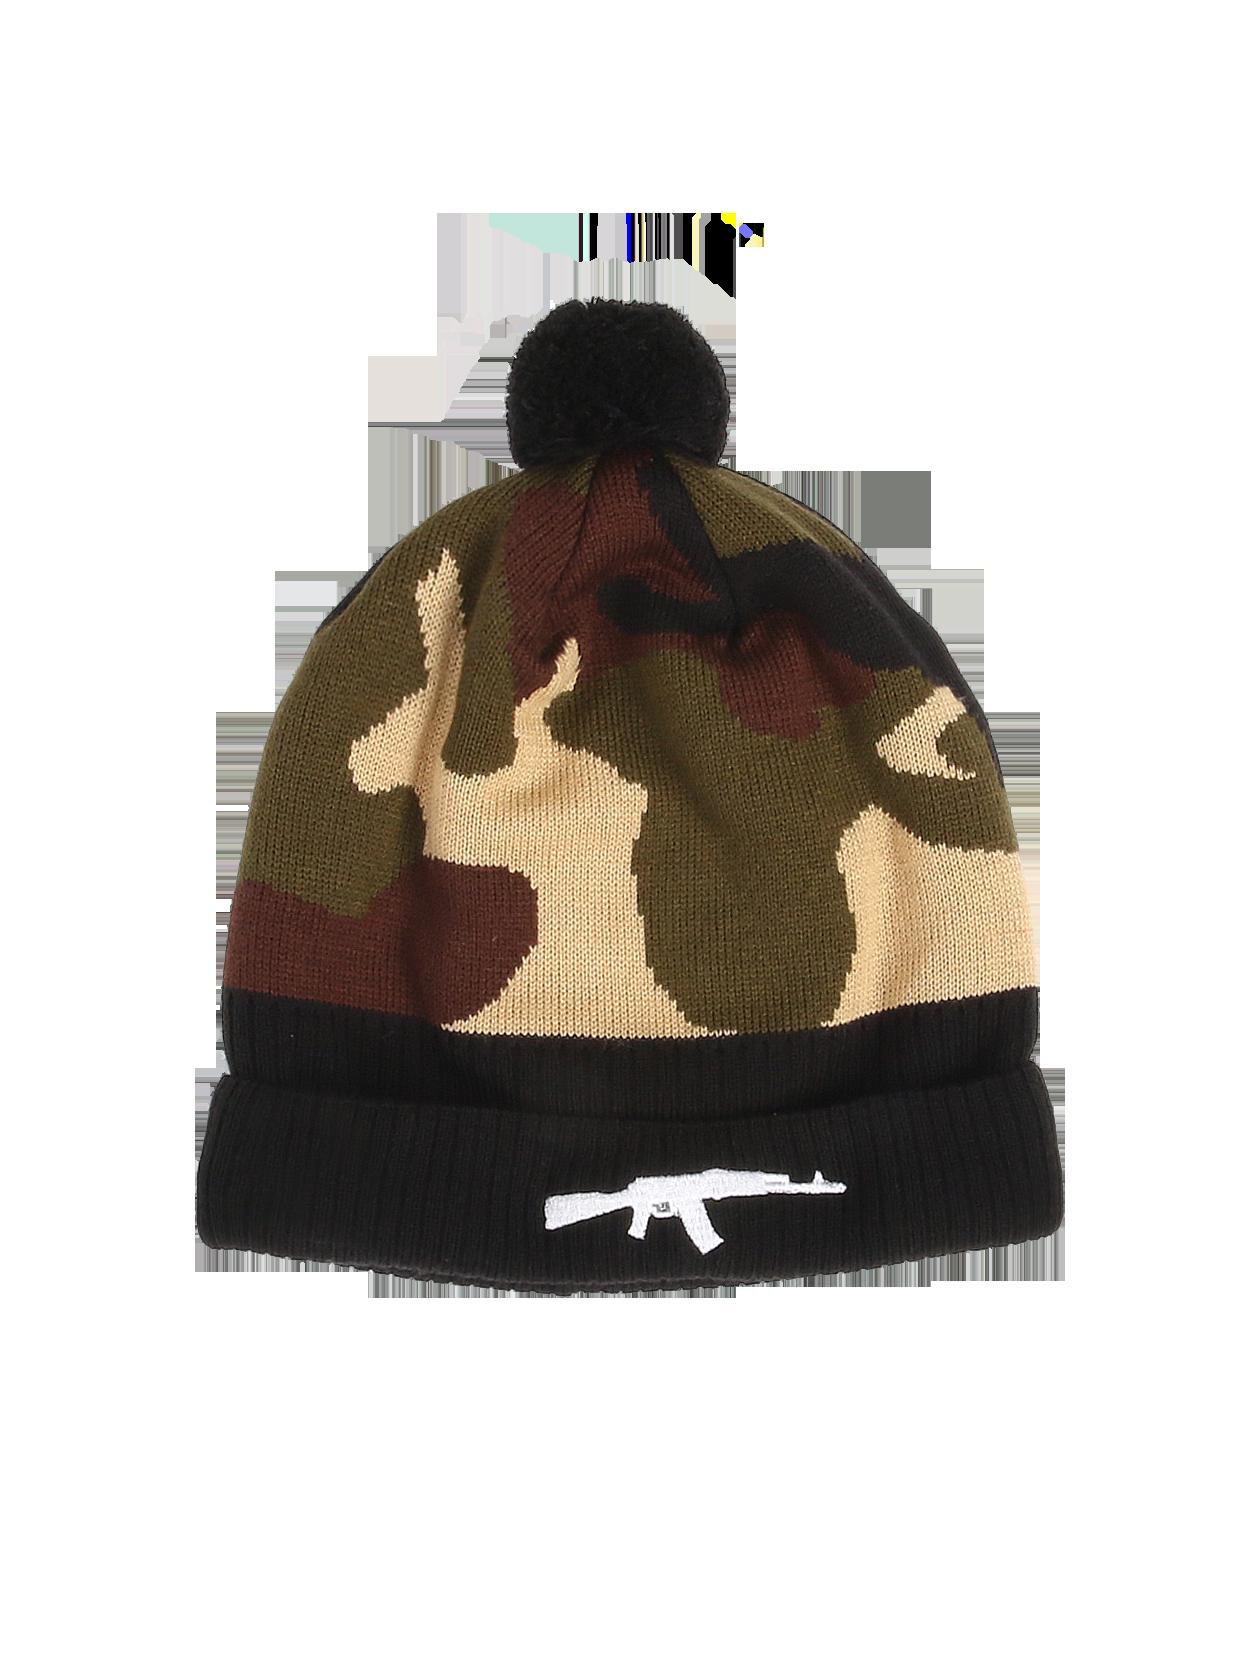 Шапка унисекс Camo RifleТёплая зимняя шапка унисекс Black Star Wear. Модель с подворотом, вышивкой автомат и помпоном. Изделие камуфляжной расцветки из 100% акрила.<br><br>Размер: Единый размер<br>Цвет: Камуфляж<br>Пол: Унисекс